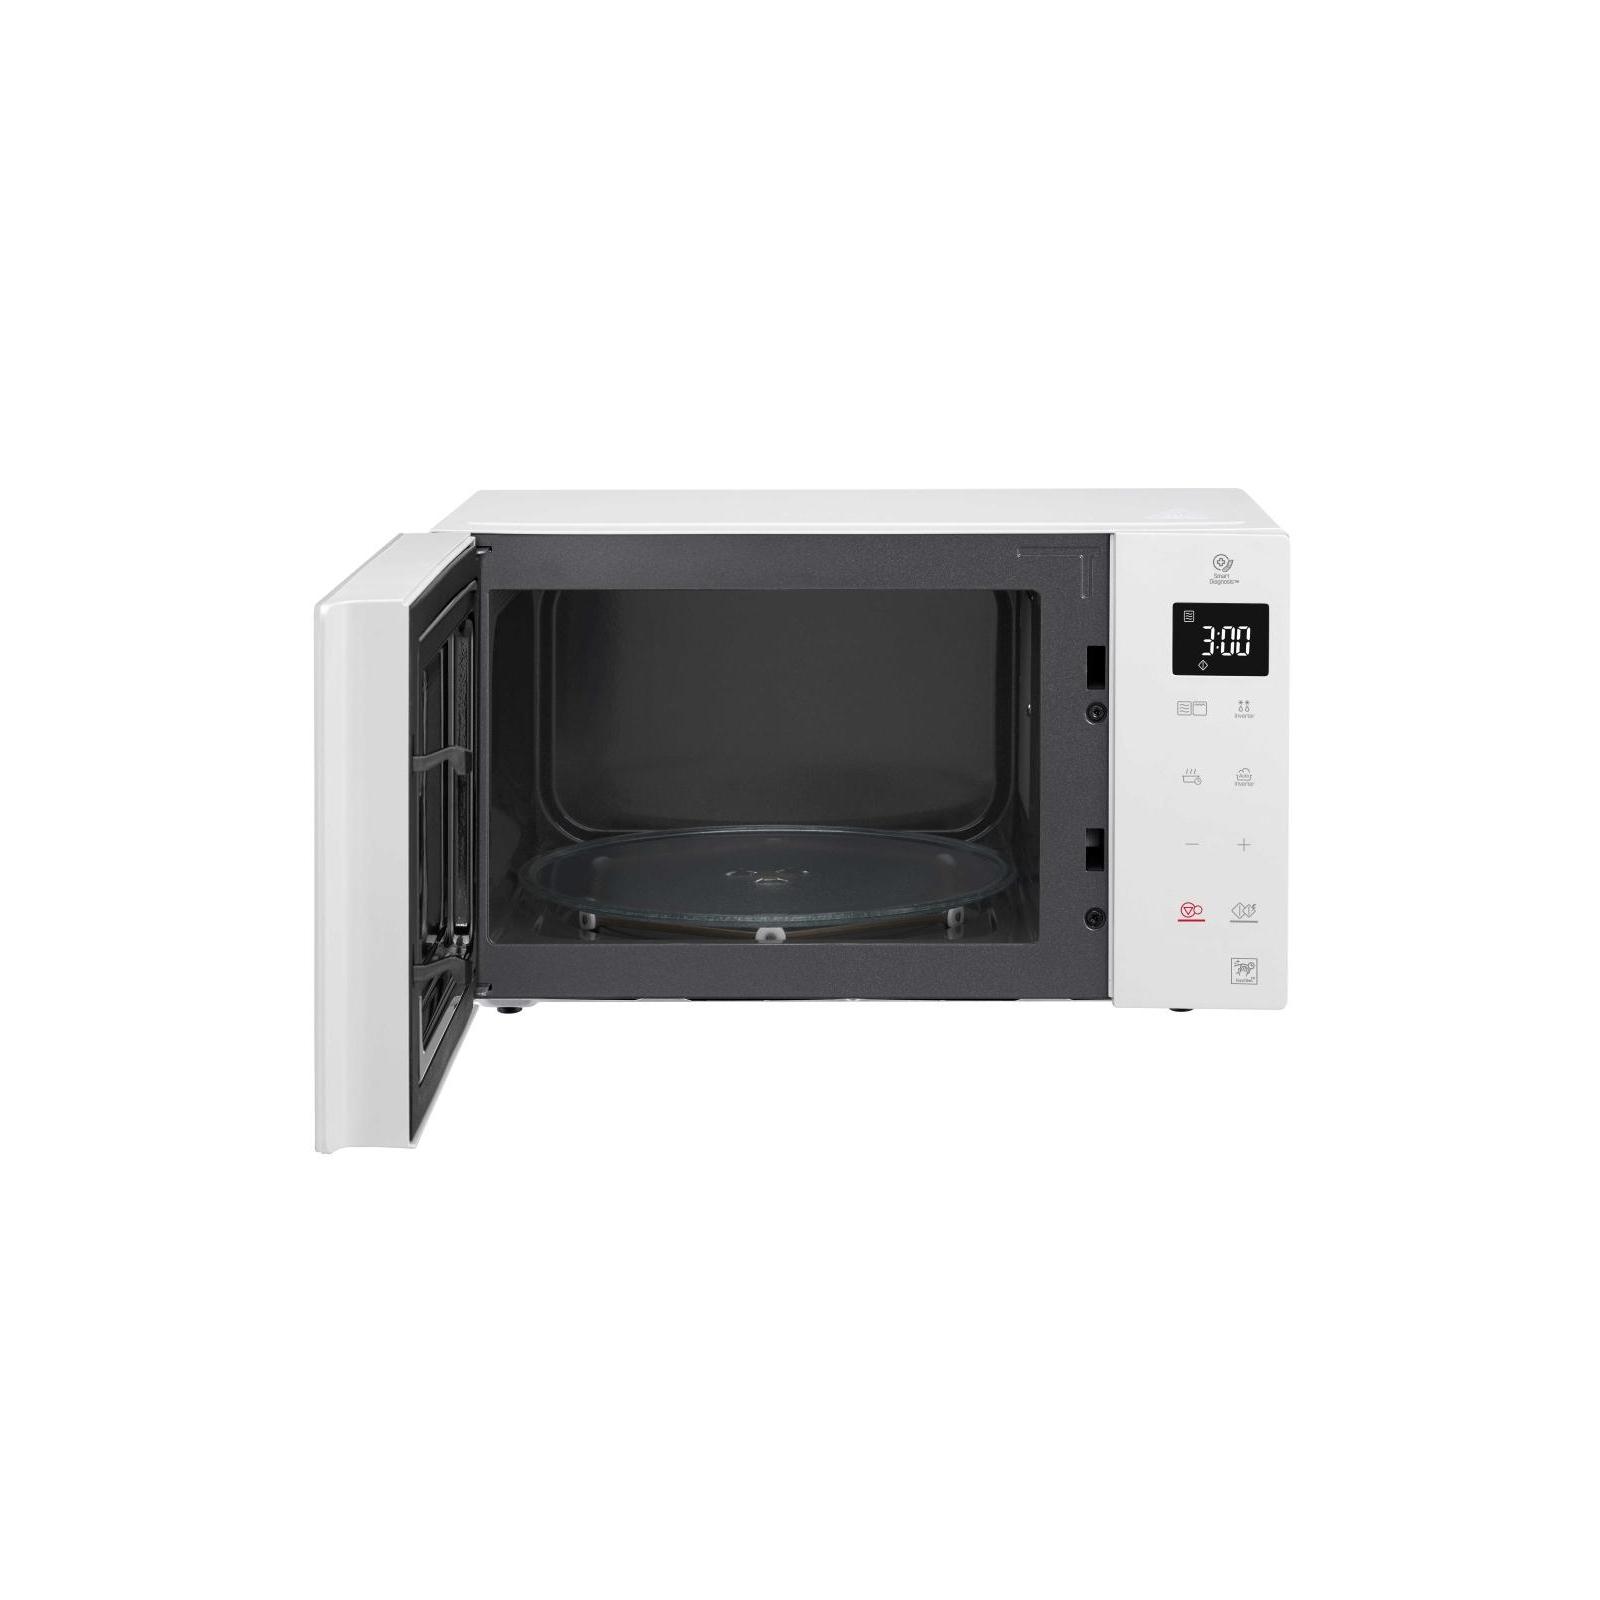 Микроволновая печь LG MH6336GIH изображение 6